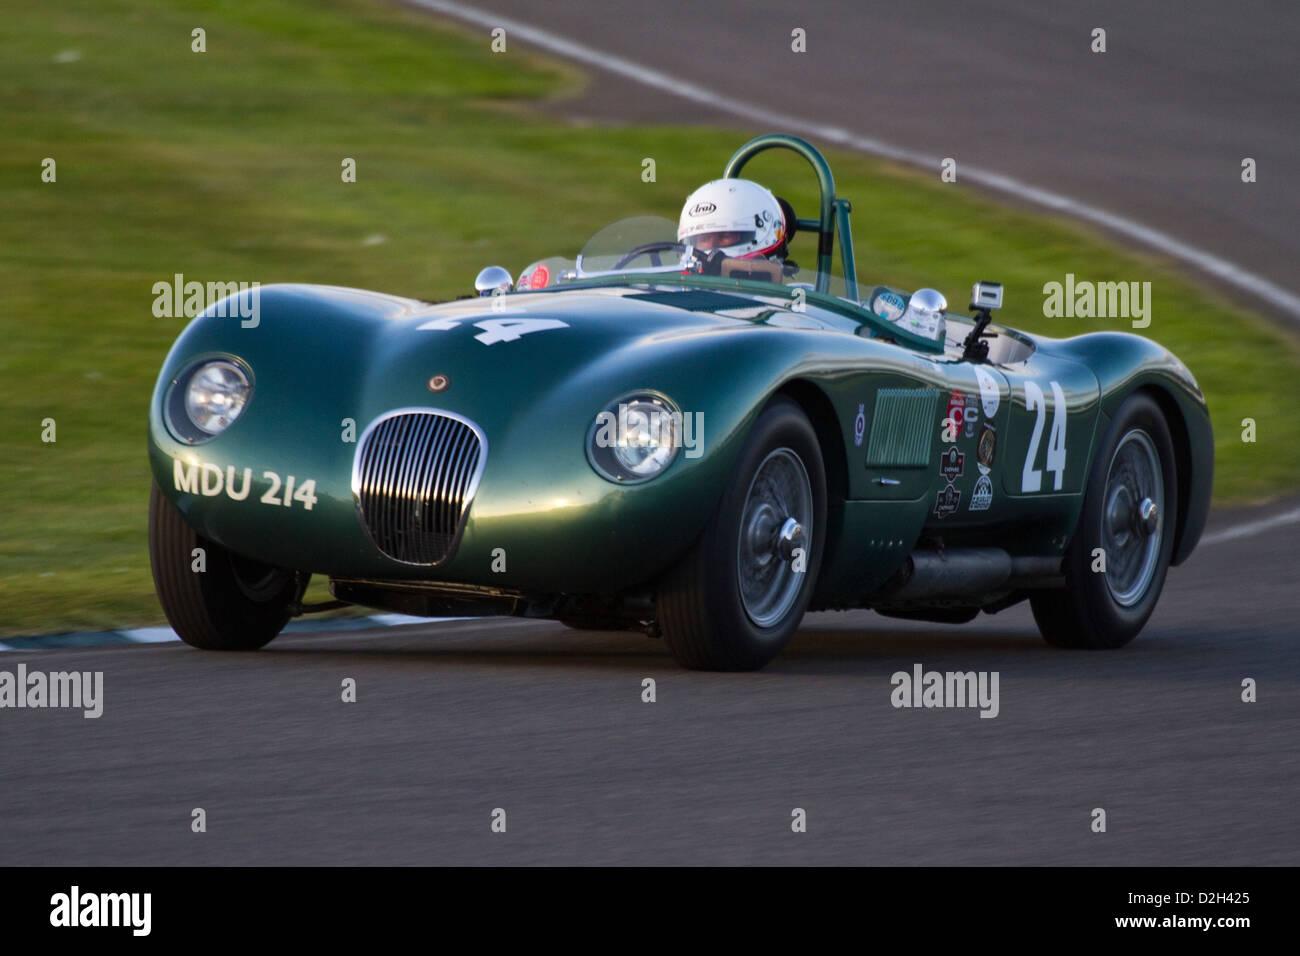 Jaguar C-Type in The Freddie März Memorial Trophy Rennen beim Goodwood Revival 2012 racing. Stockbild